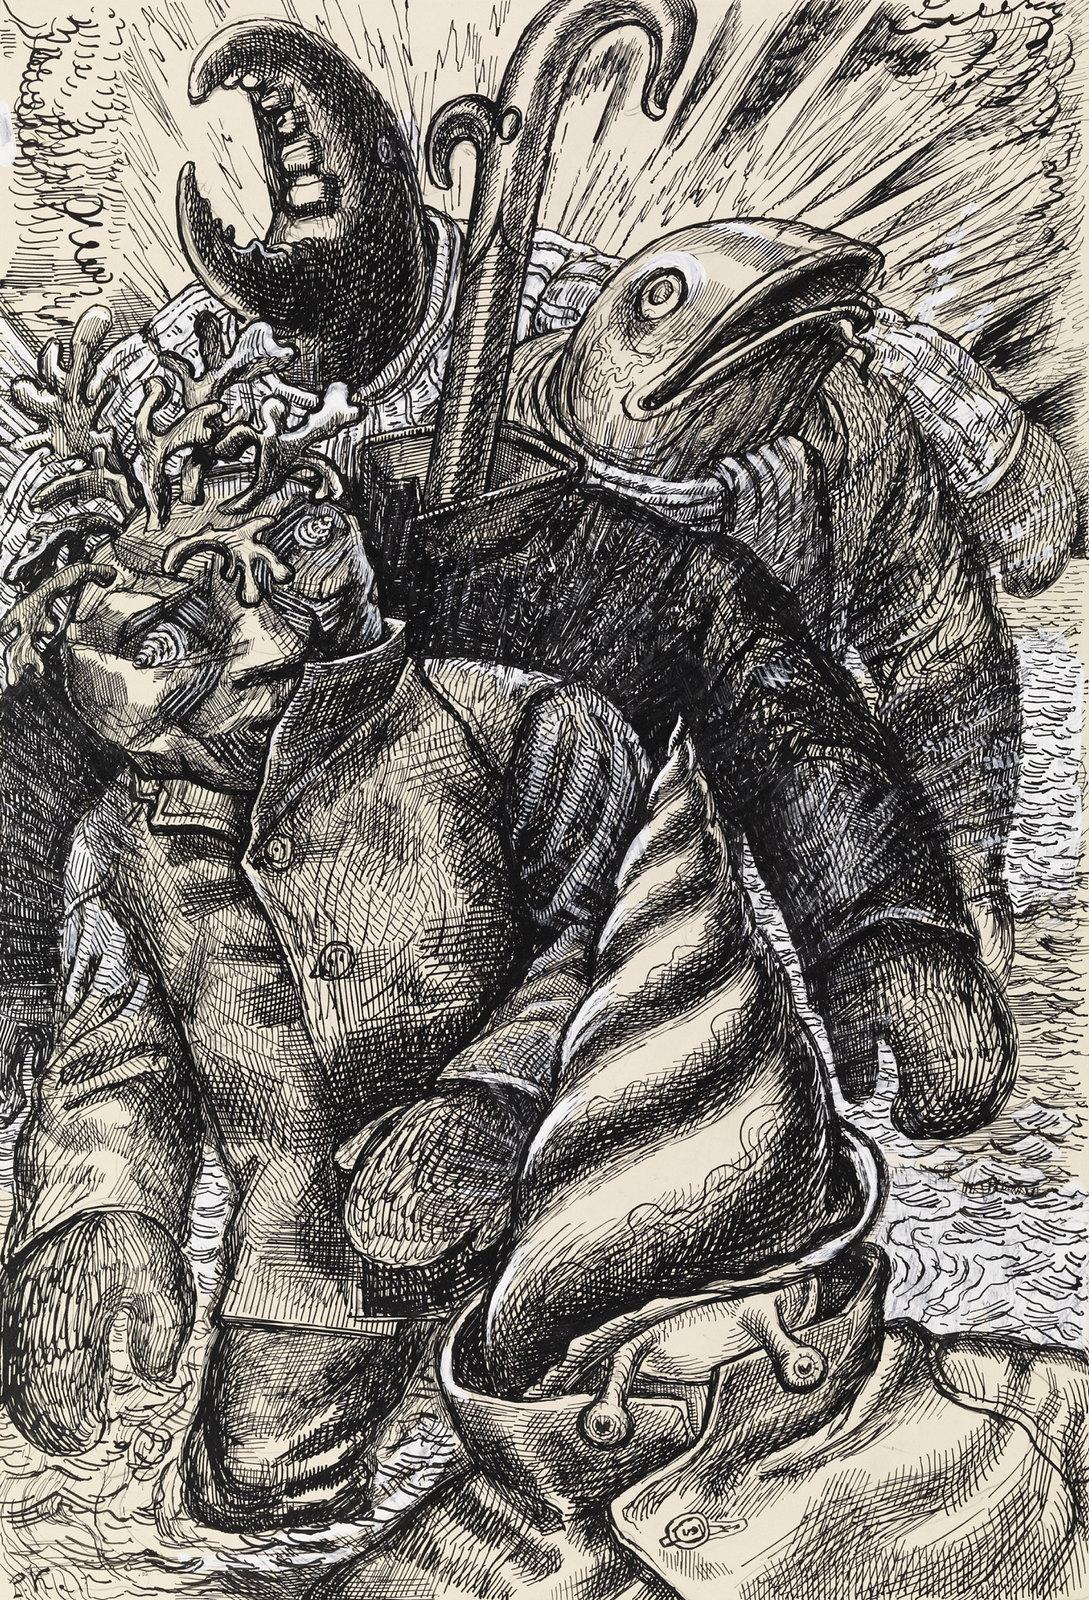 """Per Krohg - Draugen Come Ashore,Illustration for """"Tufte People at Sandflæsa """" in P. Chr. Asbjørnsen and J. Moe, Total Adventure,1936"""